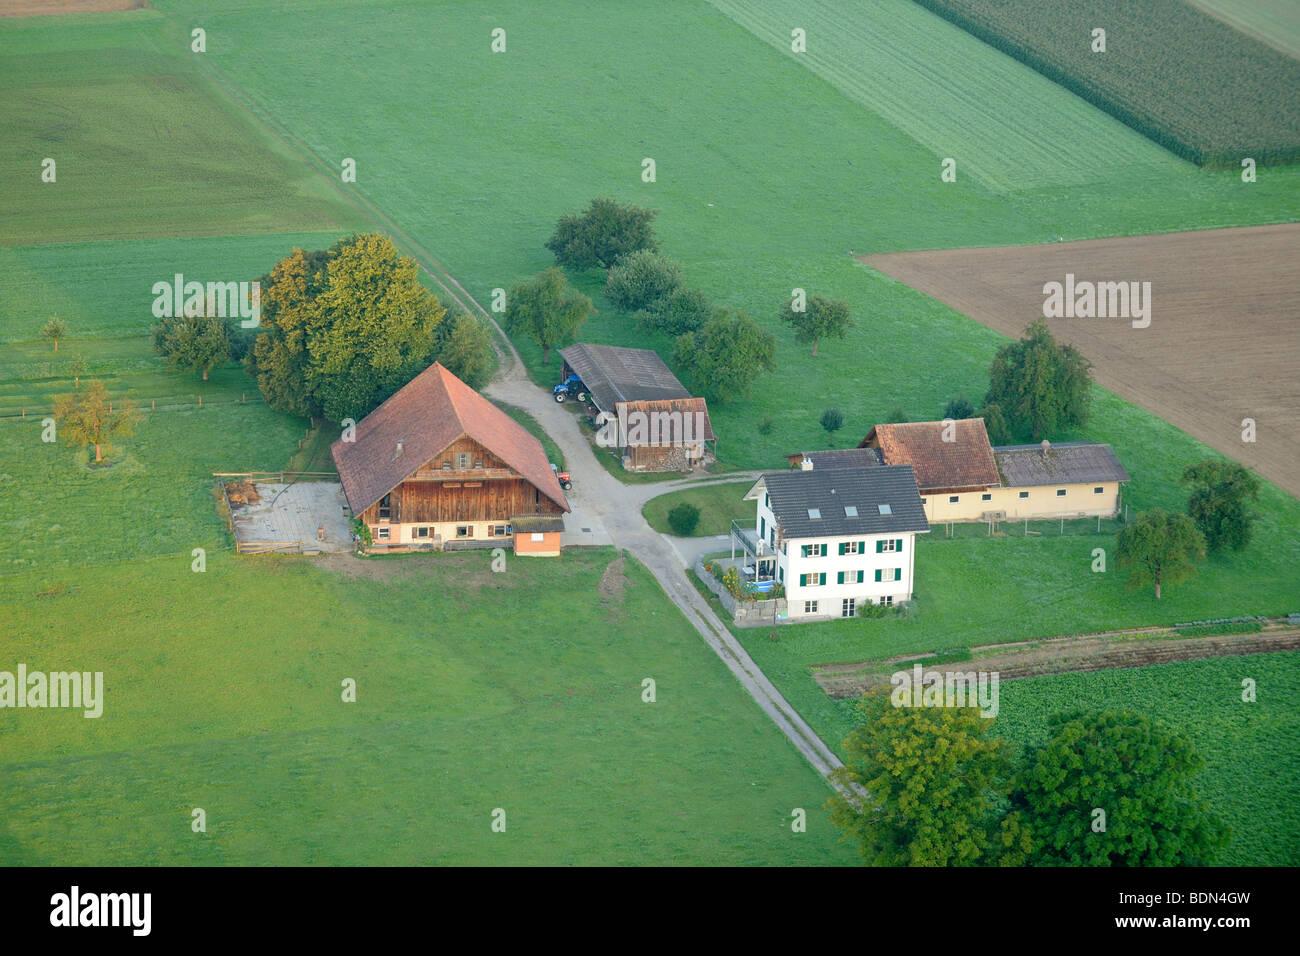 Ein typischer Schweizer Bauernhof von oben, Buttisholz, Schweiz, Europa Stockbild